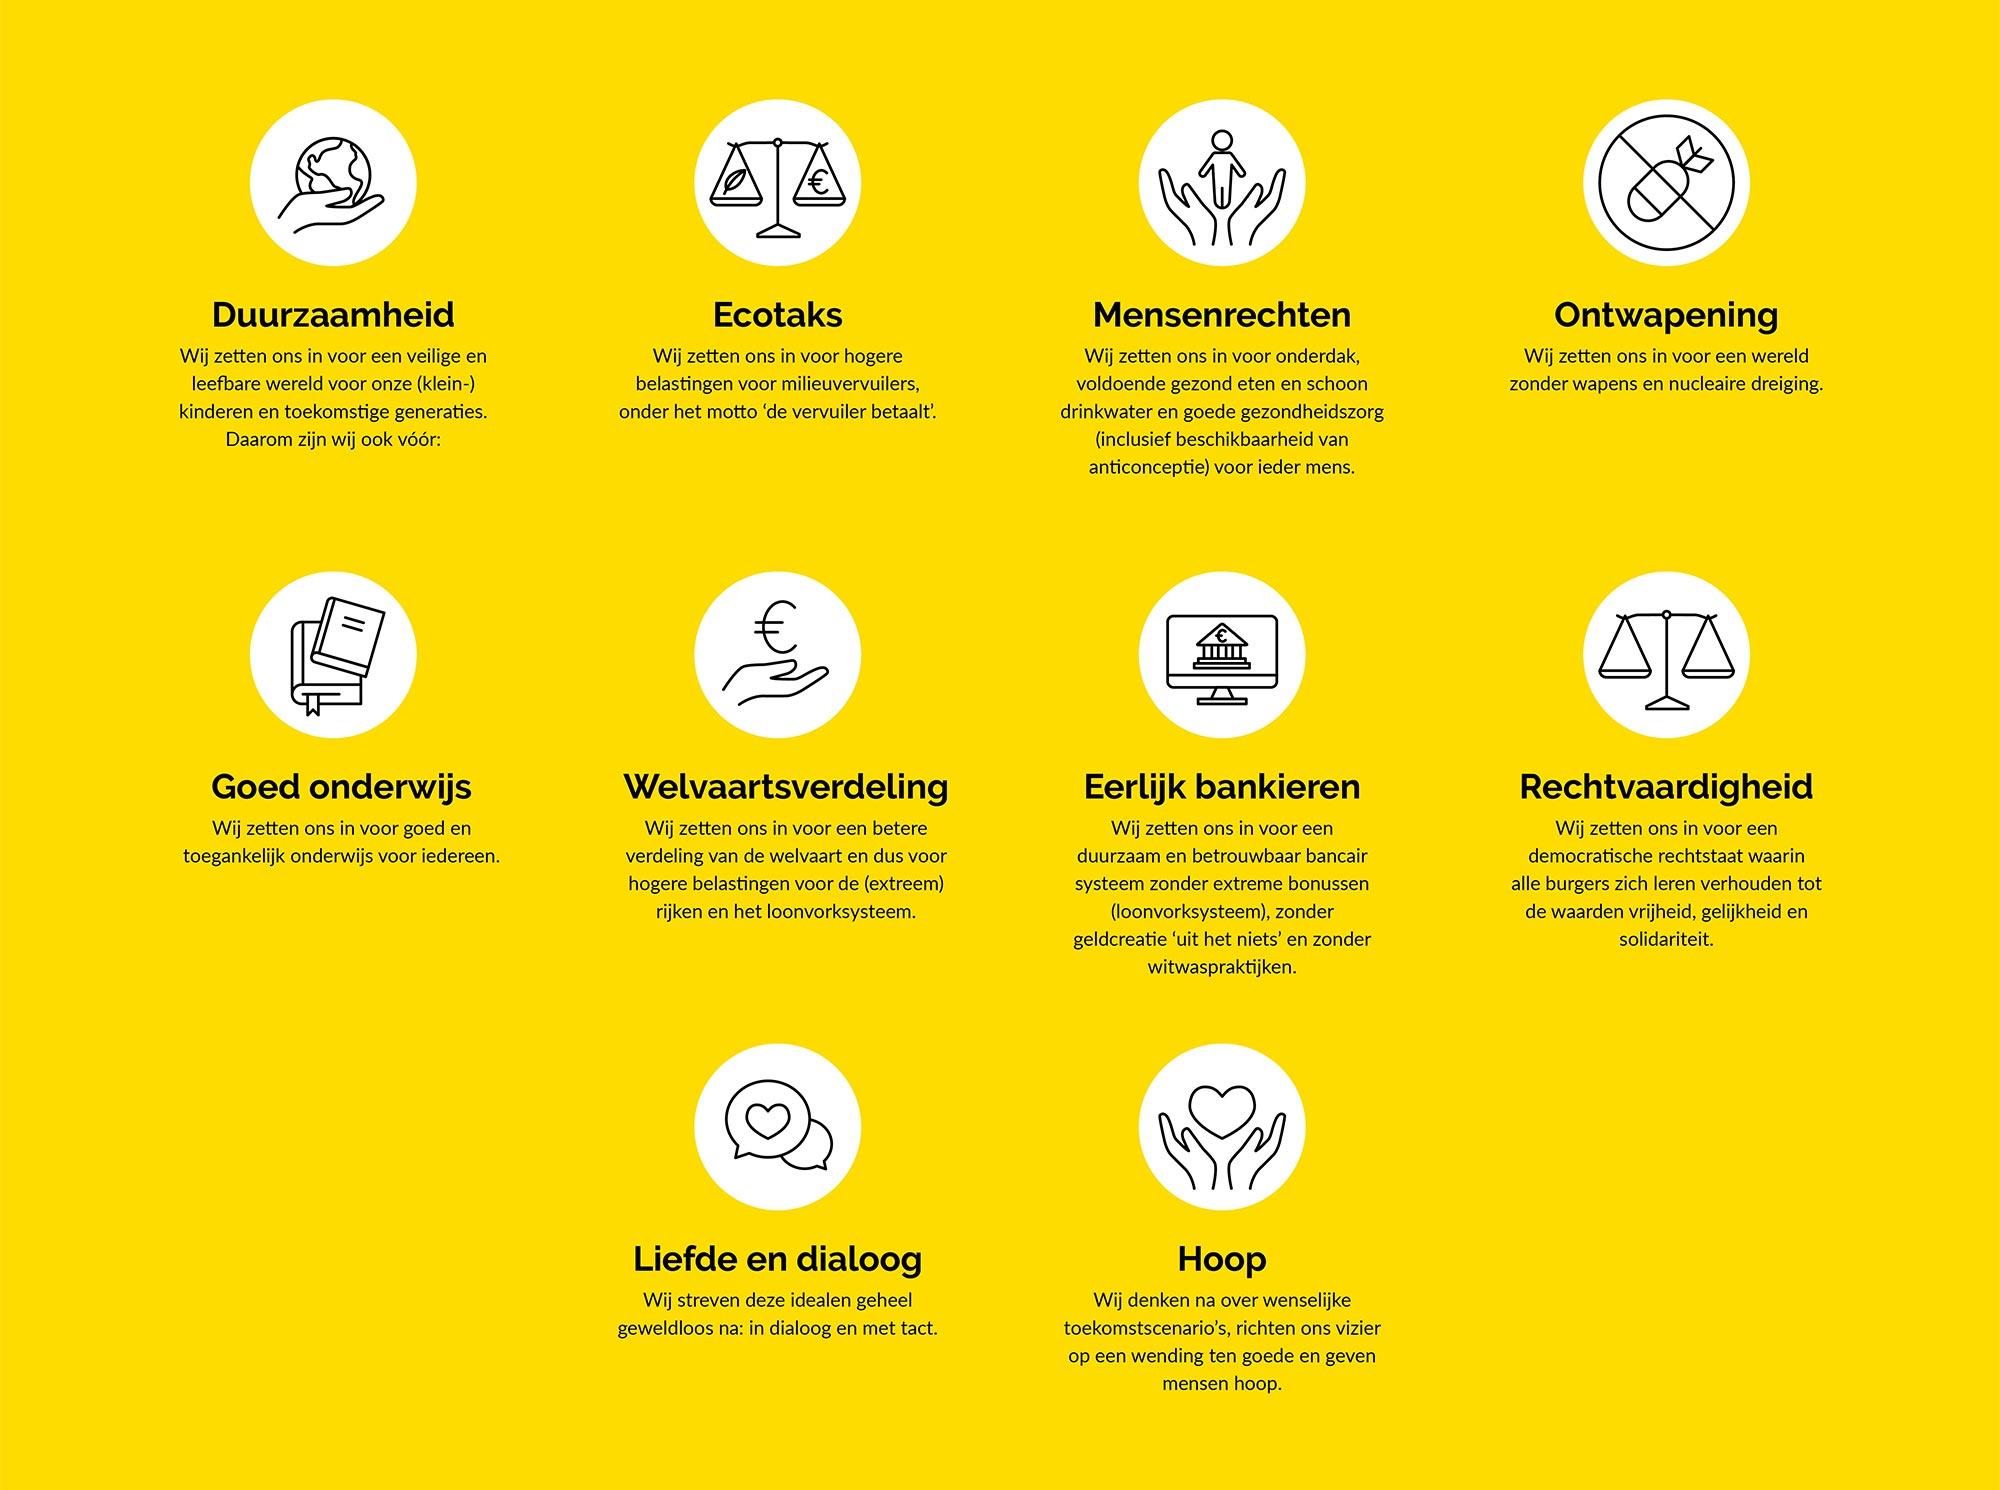 iconen De Tegenfase infographic ontwerp JAgd